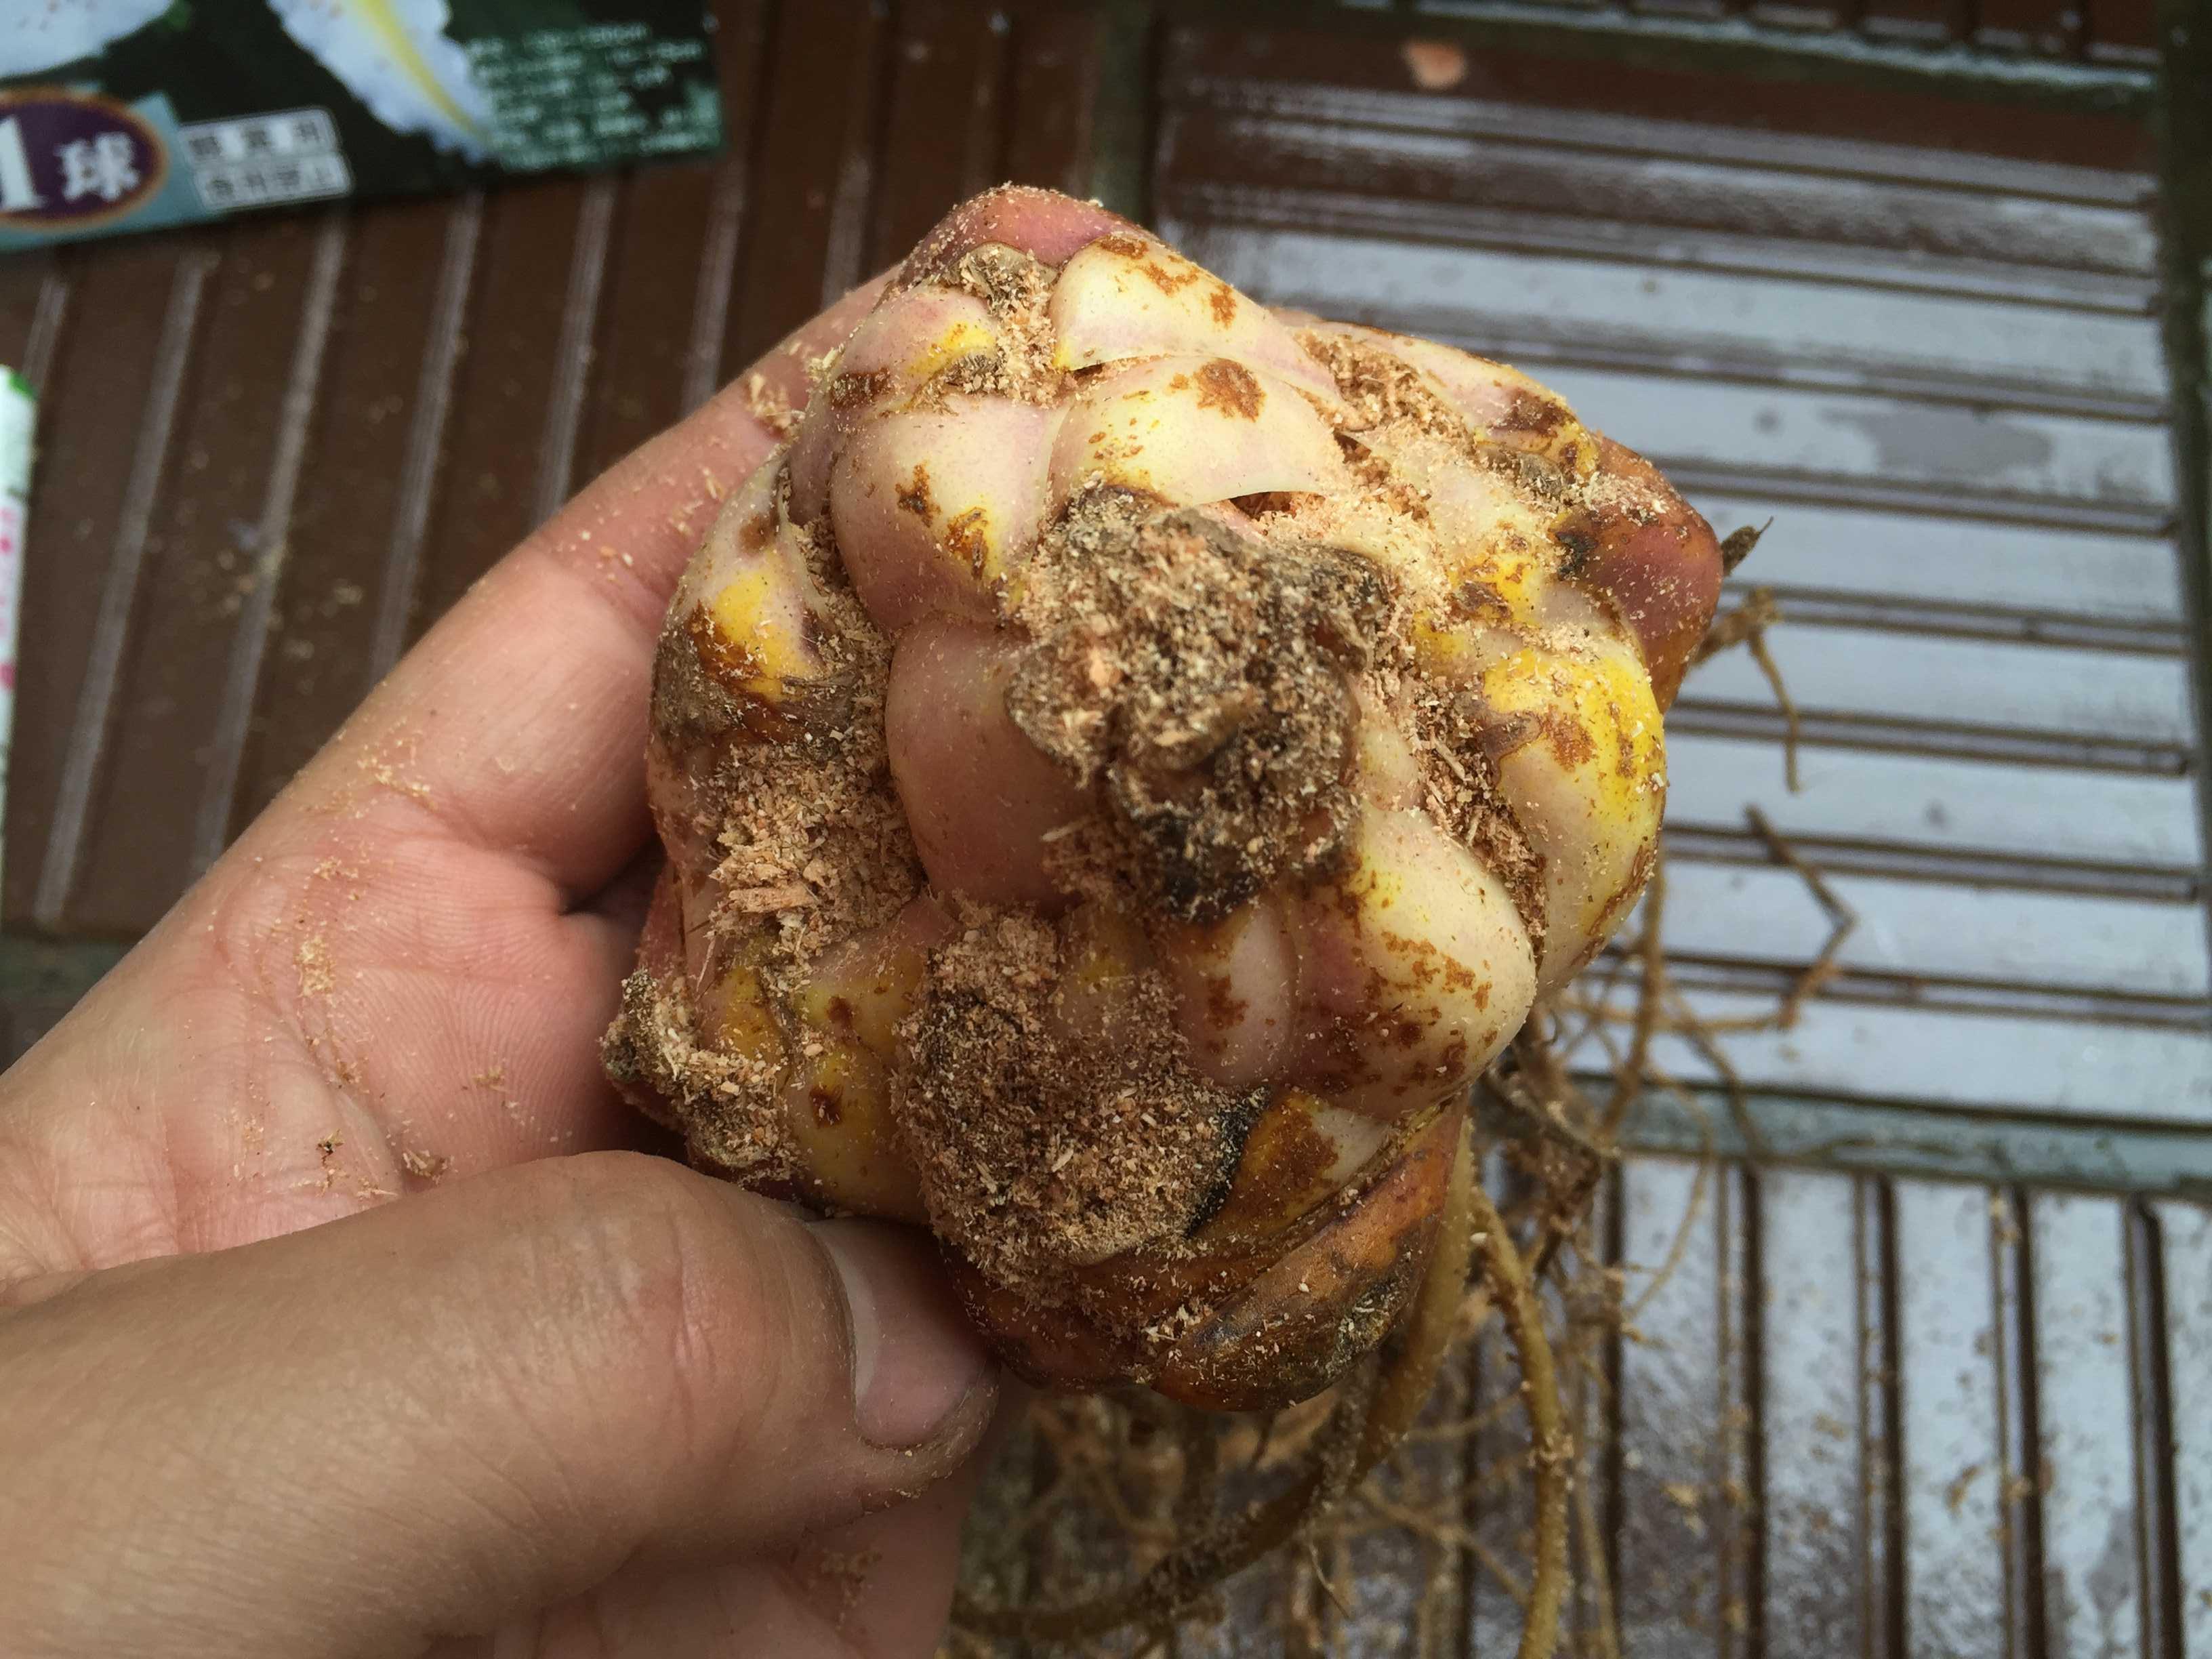 ヤマユリの鱗片挿し - 上から見たヤマユリの球根